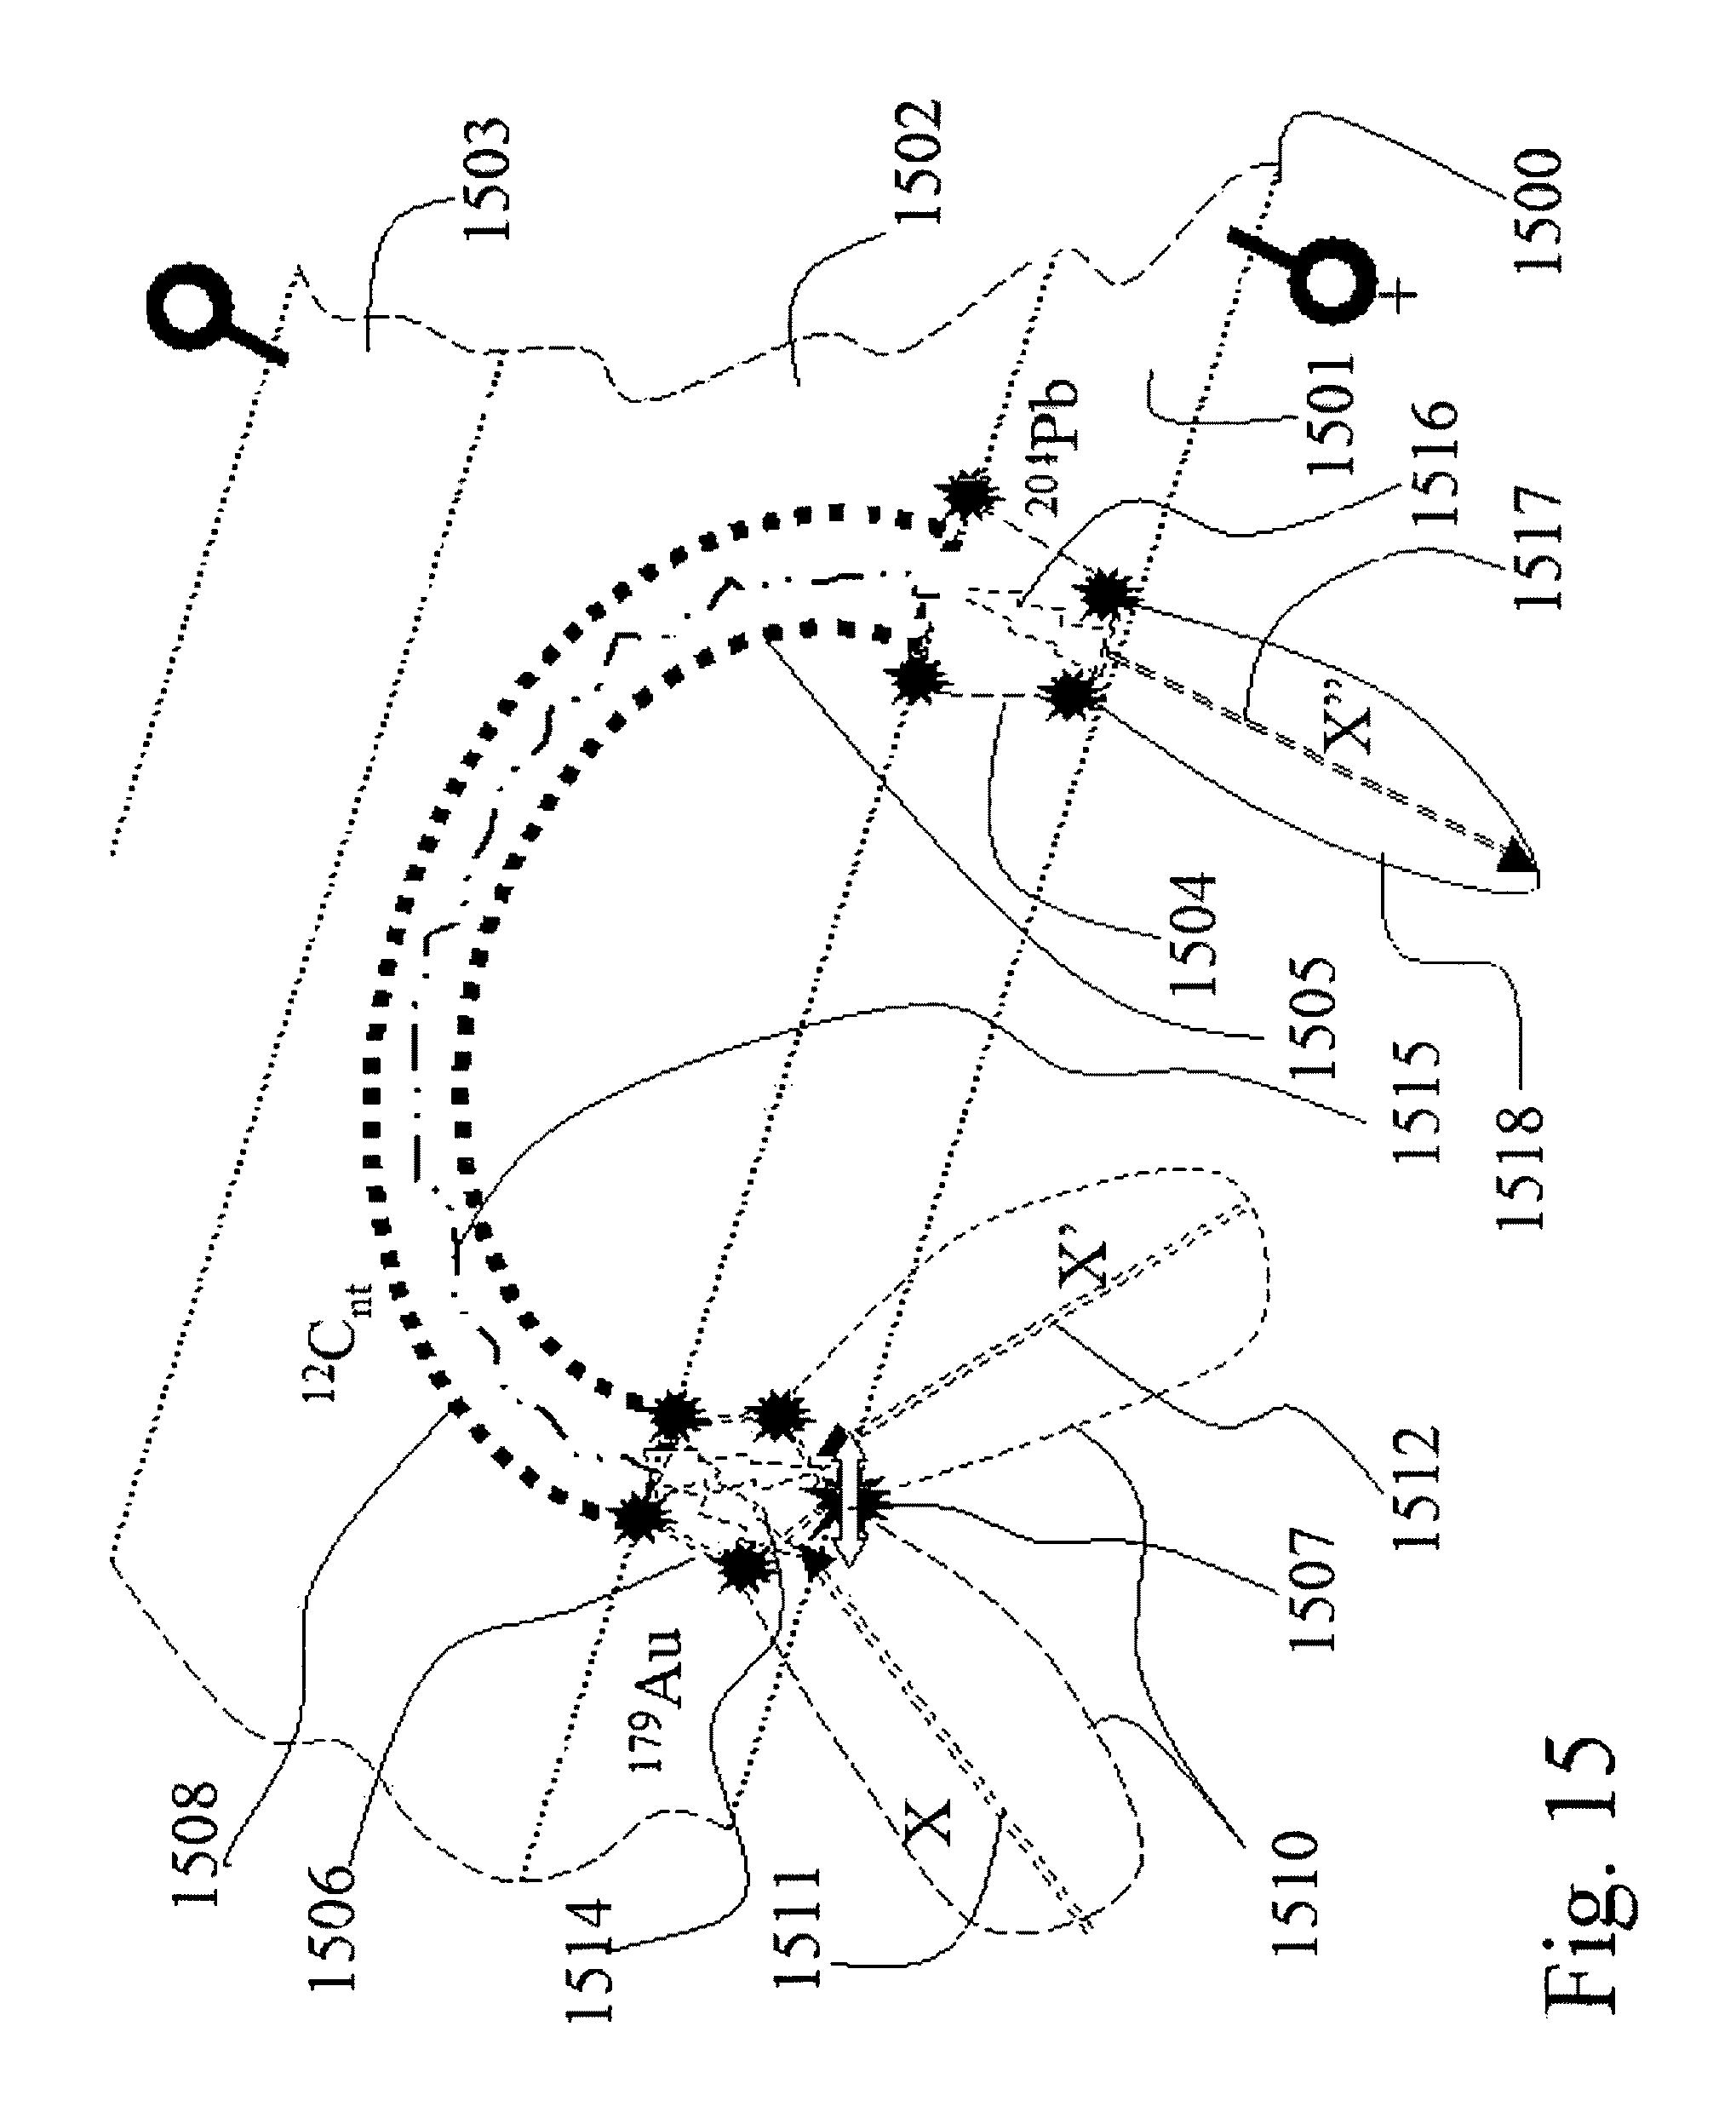 Singer Baseboard Heater Wiring Diagram, Singer, Get Free